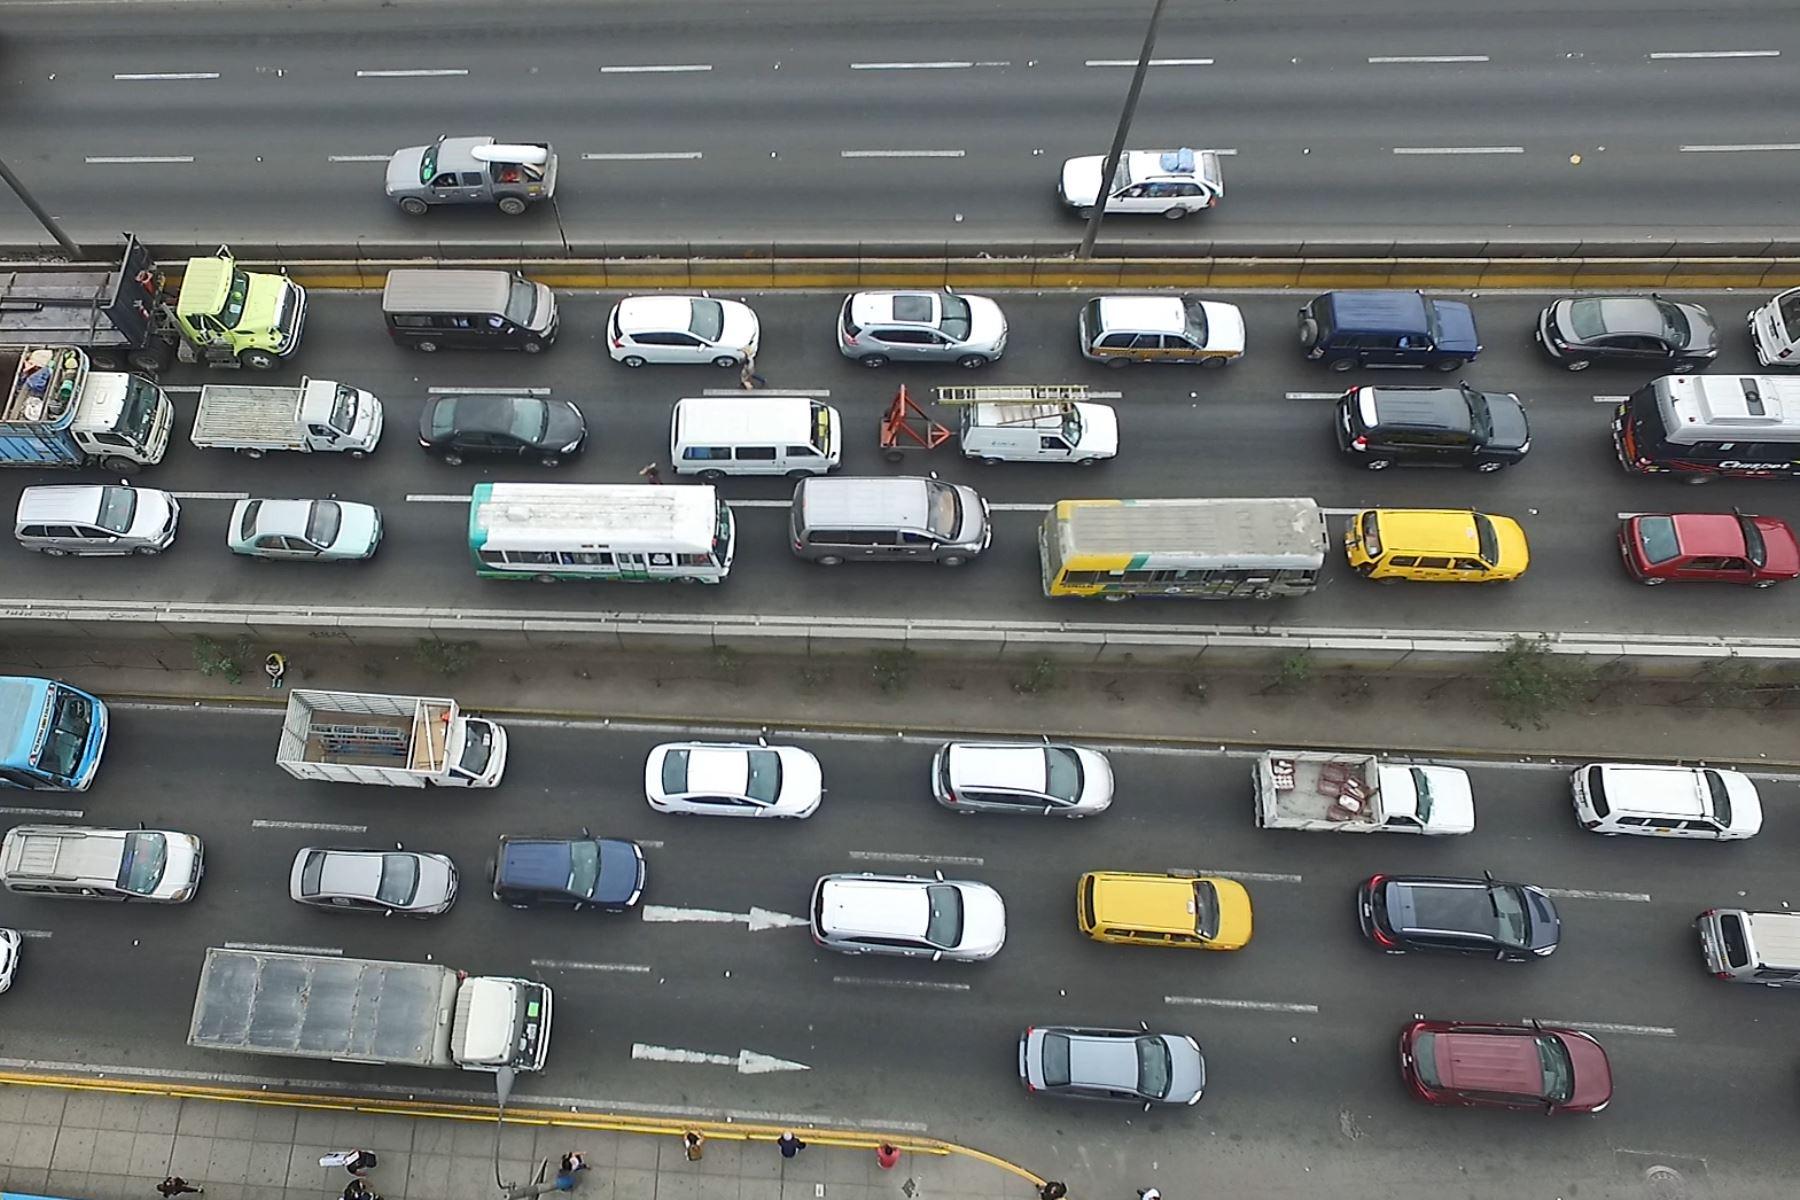 Los expertos en transporte proponen que haya más vehículos de gran tamaño en el transporte masivo, para que se reduzca la presencia de unidades pequeñas en las que muchas veces viaja una sola persona. Foto: ANDINA